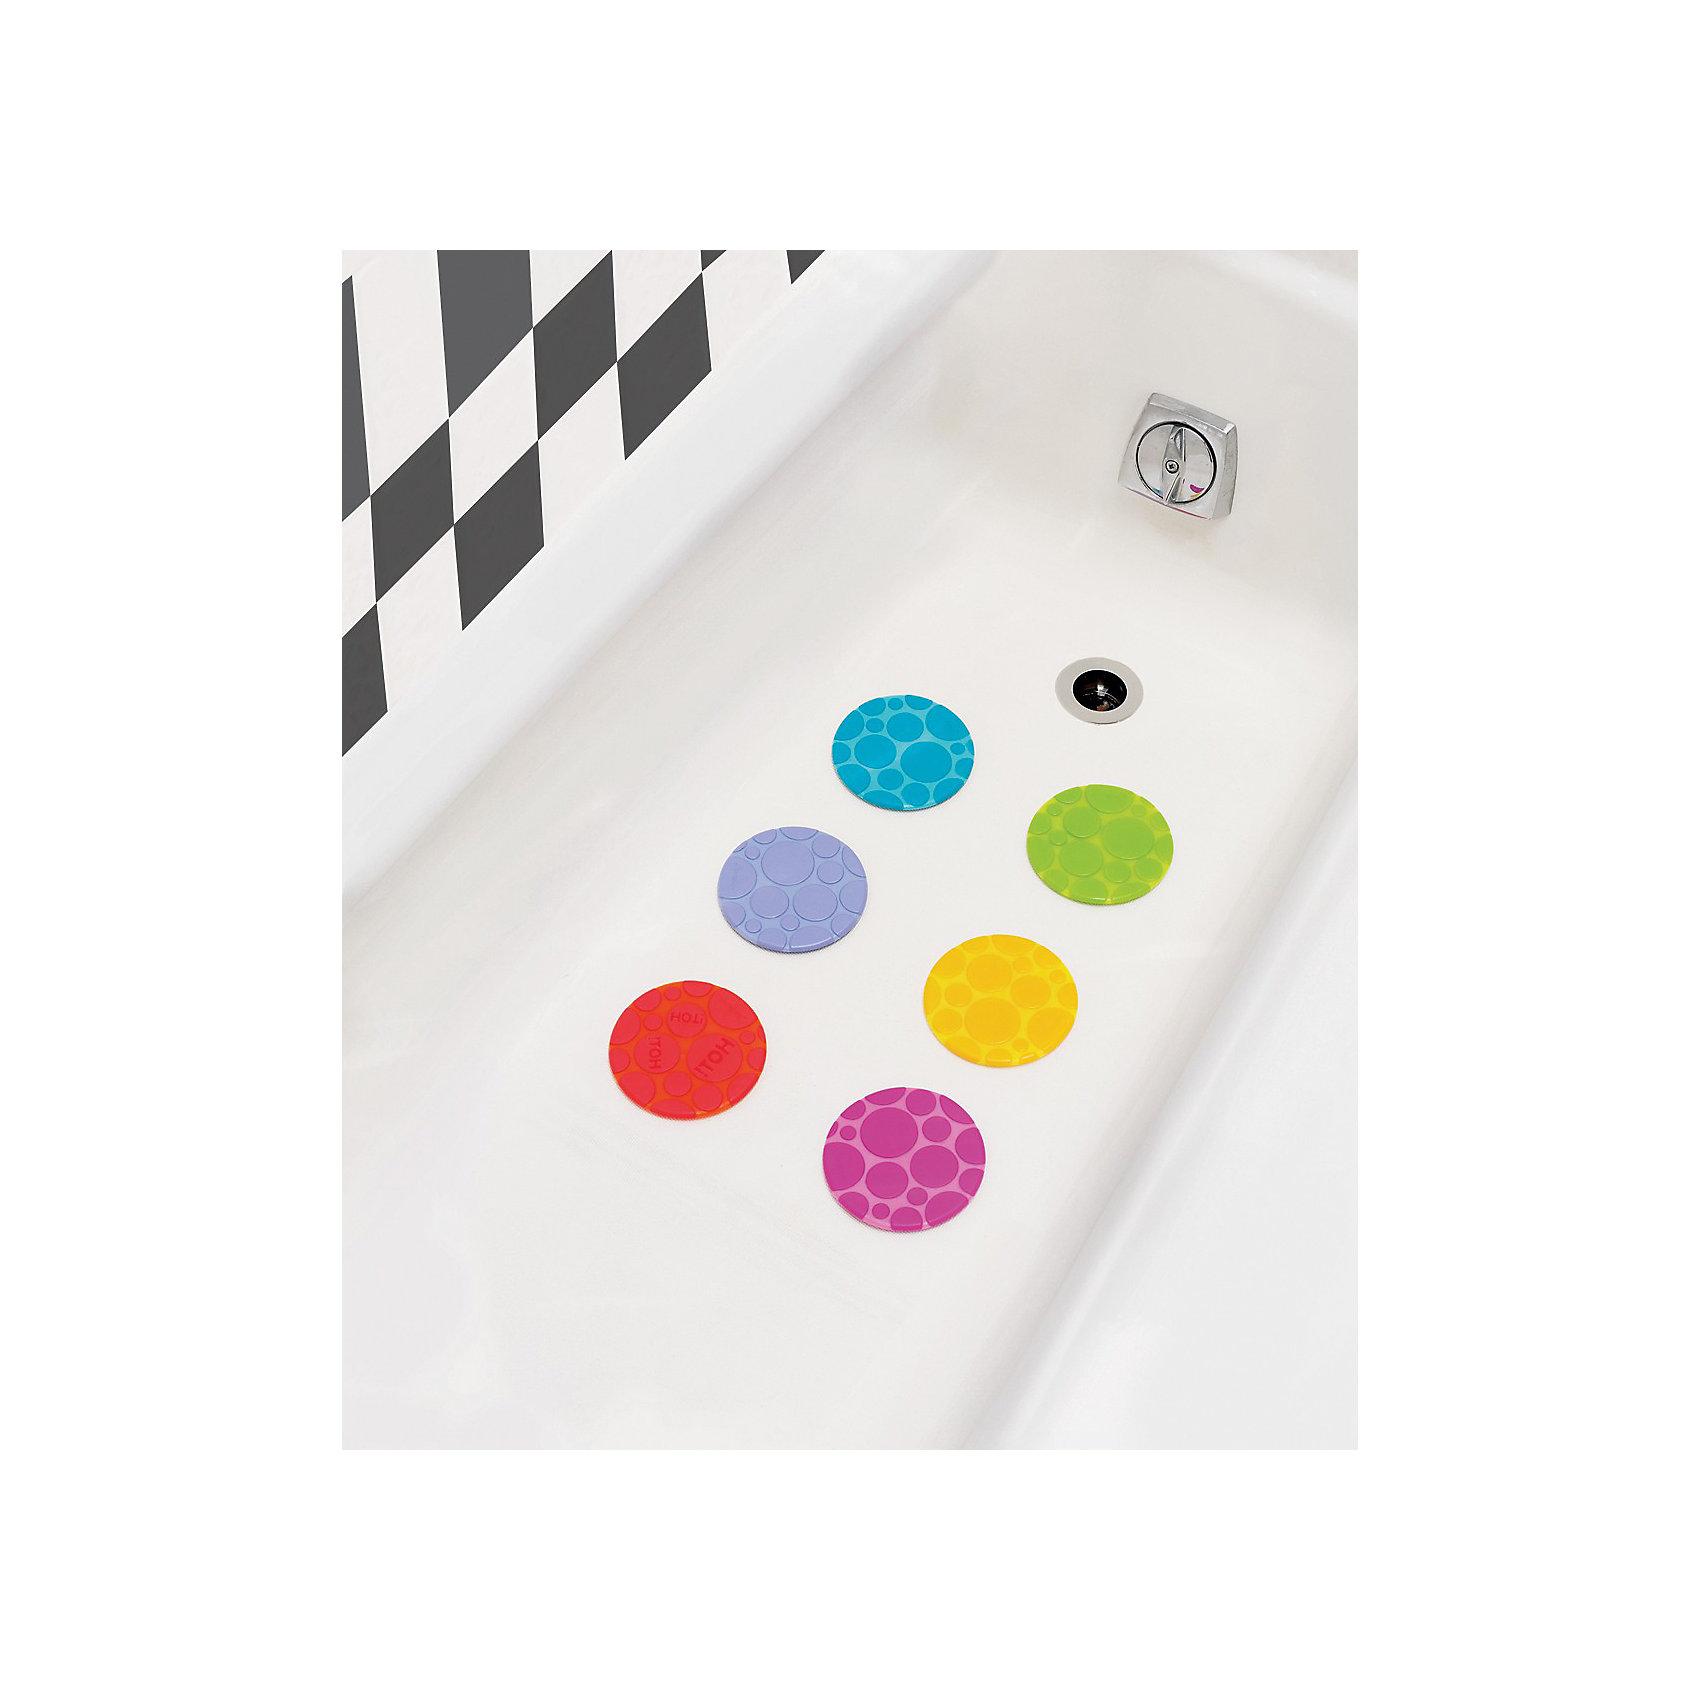 Набор ковриков для ванной 6 шт., MunchkinНабор ковриков для ванной Munchkin (6 шт в комплекте)<br><br>6 цепкихтекстурированныхковриков-накладок помогаютпредотвратить скольжение в ванне. Одна накладка обладает функцией White Hot Technology ®, которая предупреждает, когда вода становится слишком горячей<br><br>Дополнительная информация:<br><br>·крепко присасываются к поверхности ванной<br>·оригинальная альтернатива коврику для ванной - накладки легко чистятся, их можно размещать в любых точках ванной, там, где они нужны больше всего<br>·диаметр каждого коврика 11 см<br><br>Кредо Munchkin, американской компании с 20-летней историей: избавить мир от надоевших и прозаических товаров, искать умные инновационные решения, которые превращает обыденные задачи в опыт, приносящий удовольствие. Понимая, что наибольшее значение в быту имеют именно мелочи, компания создает уникальные товары, которые помогают поддерживать порядок, организовывать пространство, облегчают уход за детьми – недаром компания имеет уже более 140 патентов и изобретений, используемых в создании ее неповторимой и оригинальной продукции. Munchkin делает жизнь родителей легче!<br><br>Ширина мм: 178<br>Глубина мм: 254<br>Высота мм: 51<br>Вес г: 289<br>Возраст от месяцев: 0<br>Возраст до месяцев: 12<br>Пол: Унисекс<br>Возраст: Детский<br>SKU: 3174950